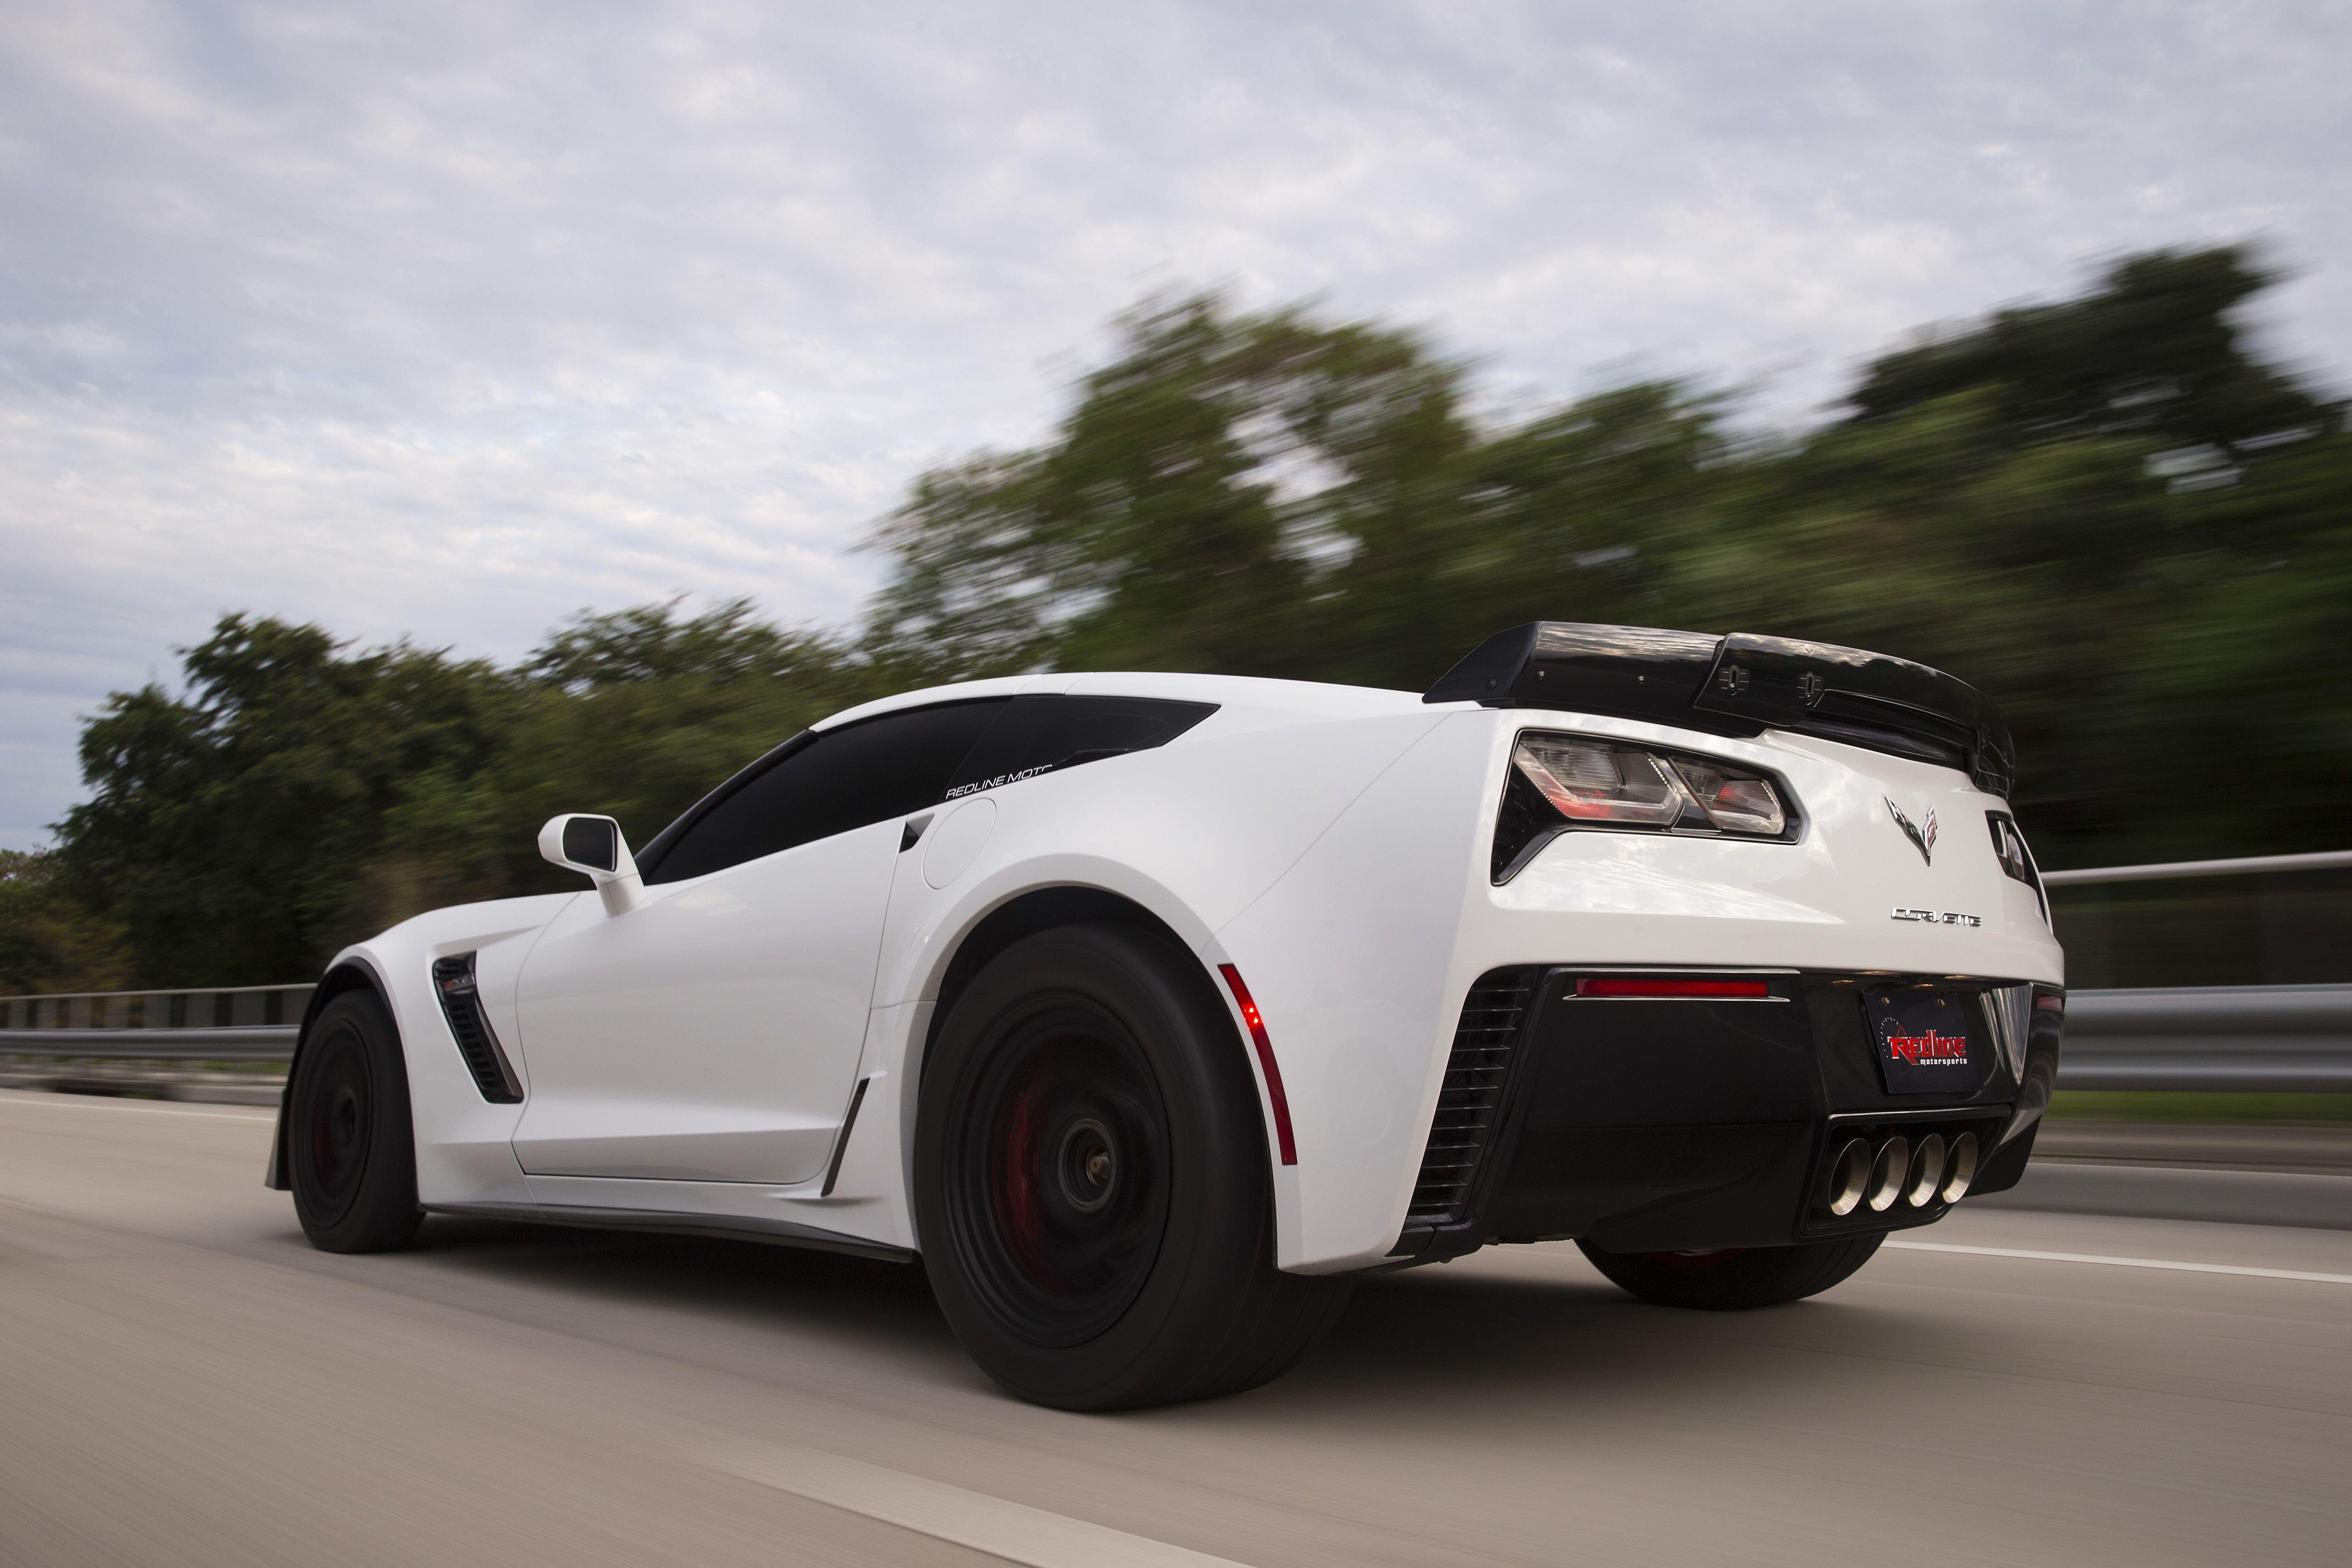 redline 2015 chevy corvette c7 z06 cars white wallpaper 5184x3456 908476 wallpaperup - Corvette 2015 White